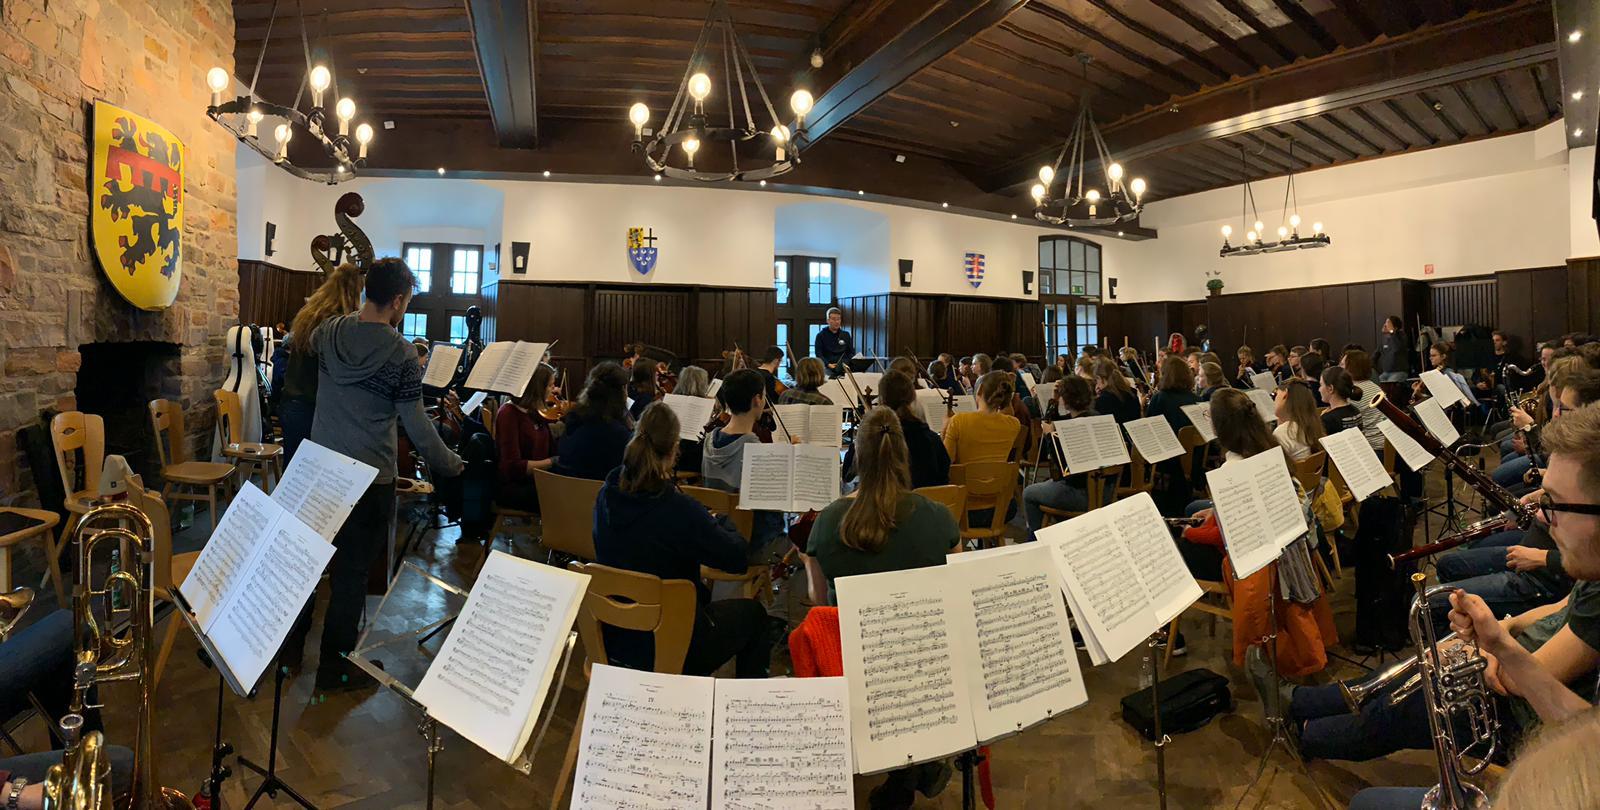 Das Uniorchester Bonn – Camerata musicale in großer Besetzung im Rittersaal auf Burg Blankenheim